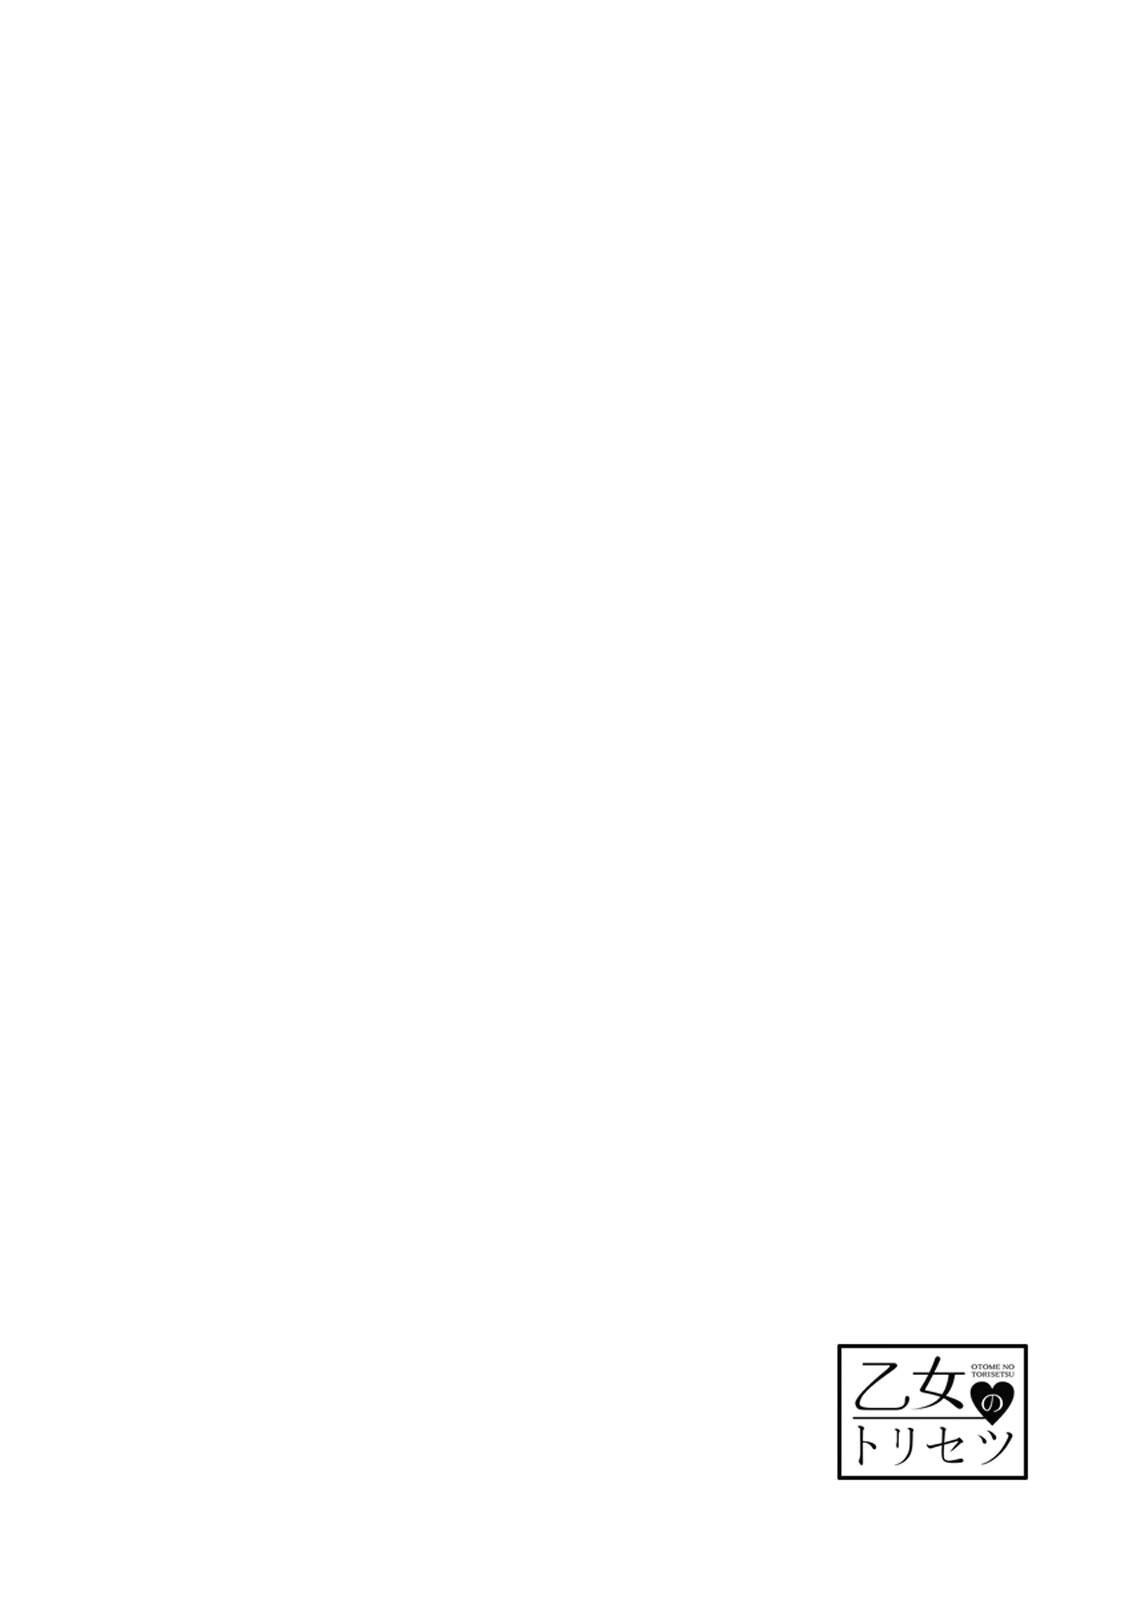 [Yuzushiwo] Akuyaku Reijou wa Ichizu ni Dekiai sarete ~Noumitsu Sex no Aite wa Juuboku~ | 被疯狂溺爱的反派大小姐~浓密性爱对象是仆从~ 1-5 [Chinese] [莉赛特汉化组] 79